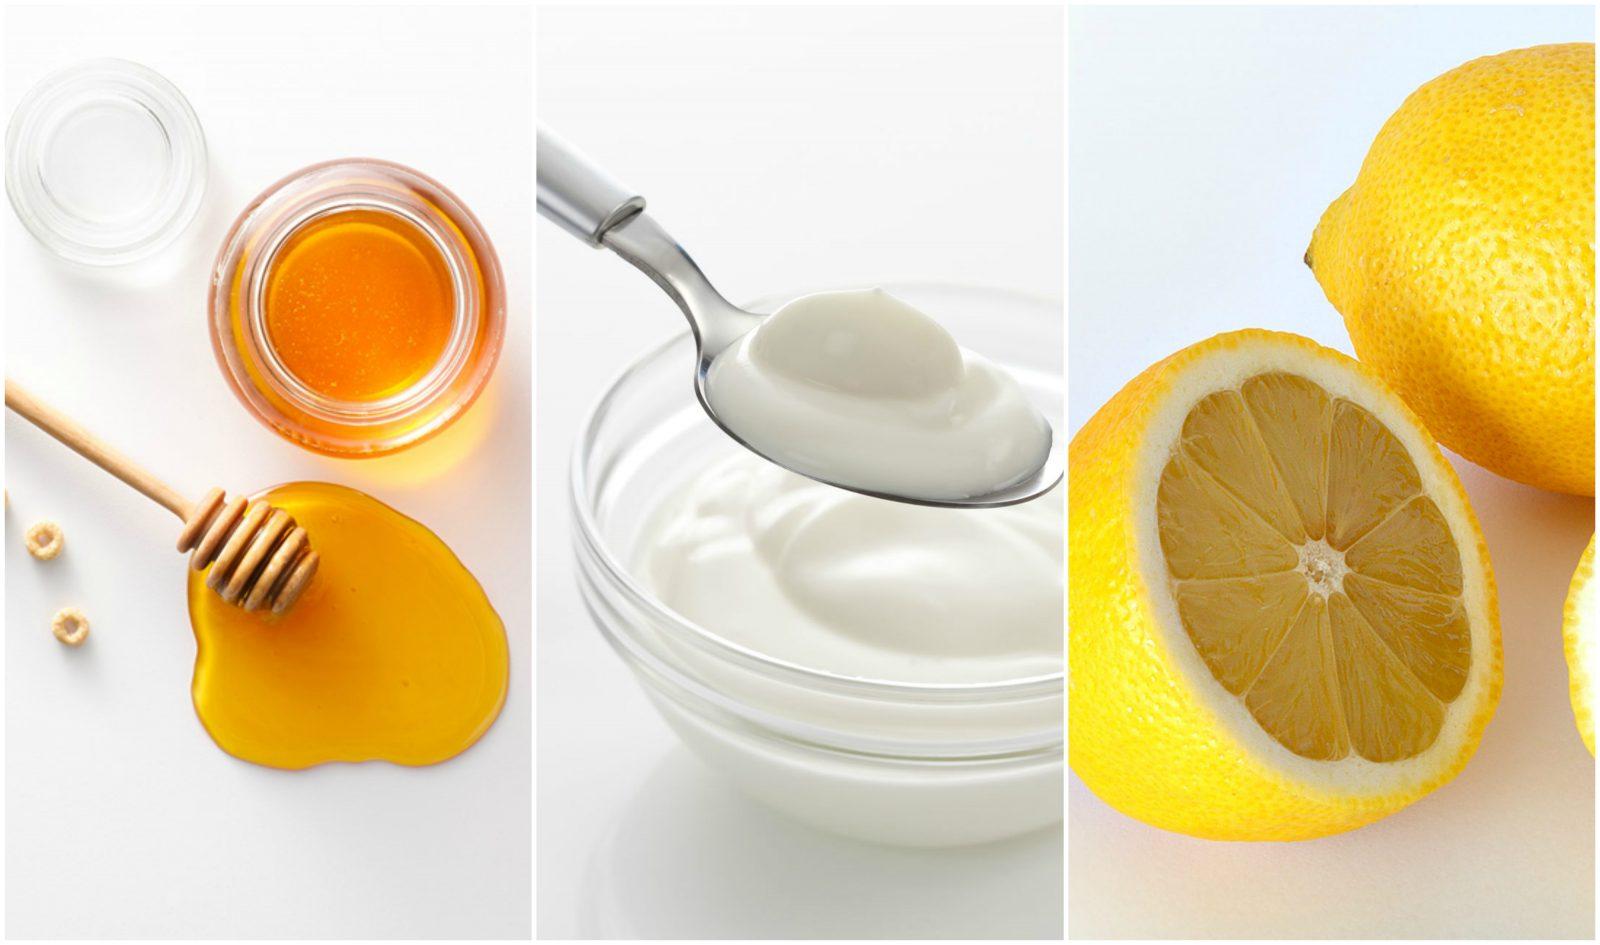 Cách làm mặt nạ mật ong sữa chua